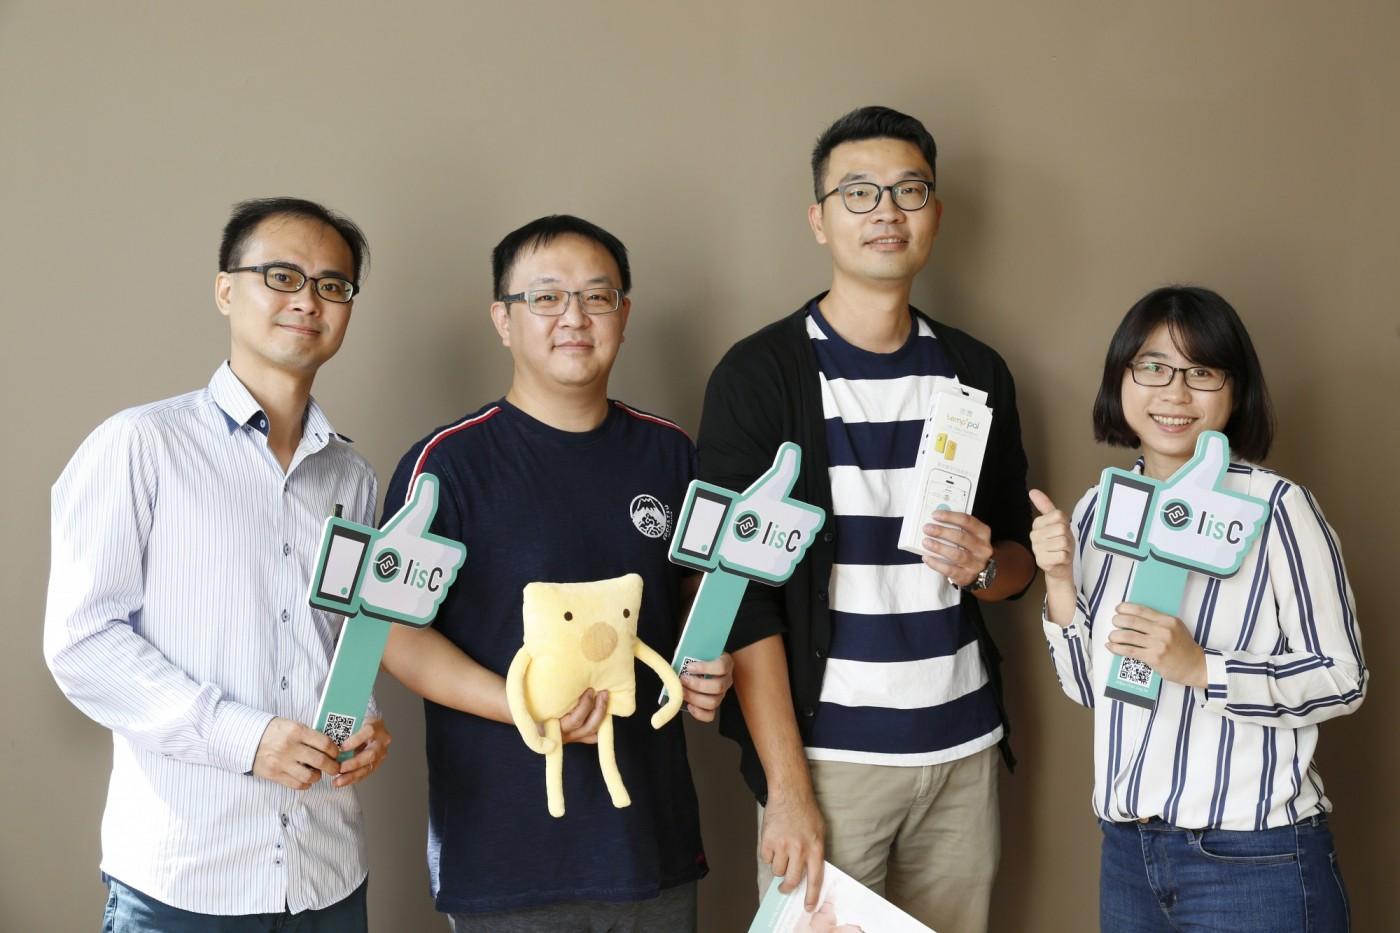 工業局IisC計畫助力愛微科開發全球最輕薄智慧體溫貼片